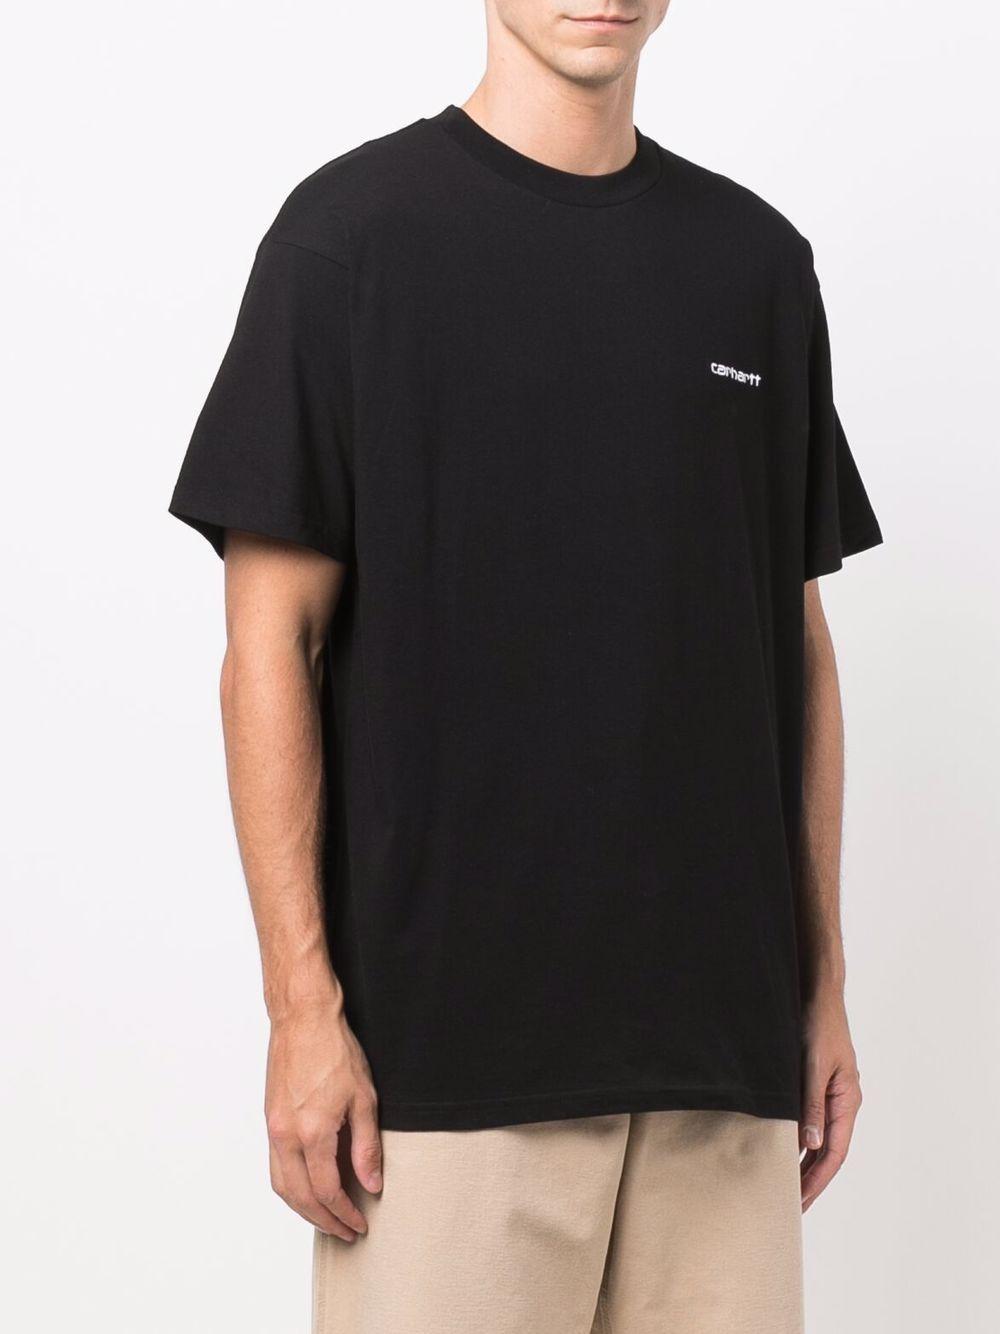 t-shirt con logo uomo nera in cotone CARHARTT WIP   T-shirt   I0257780D2.XX